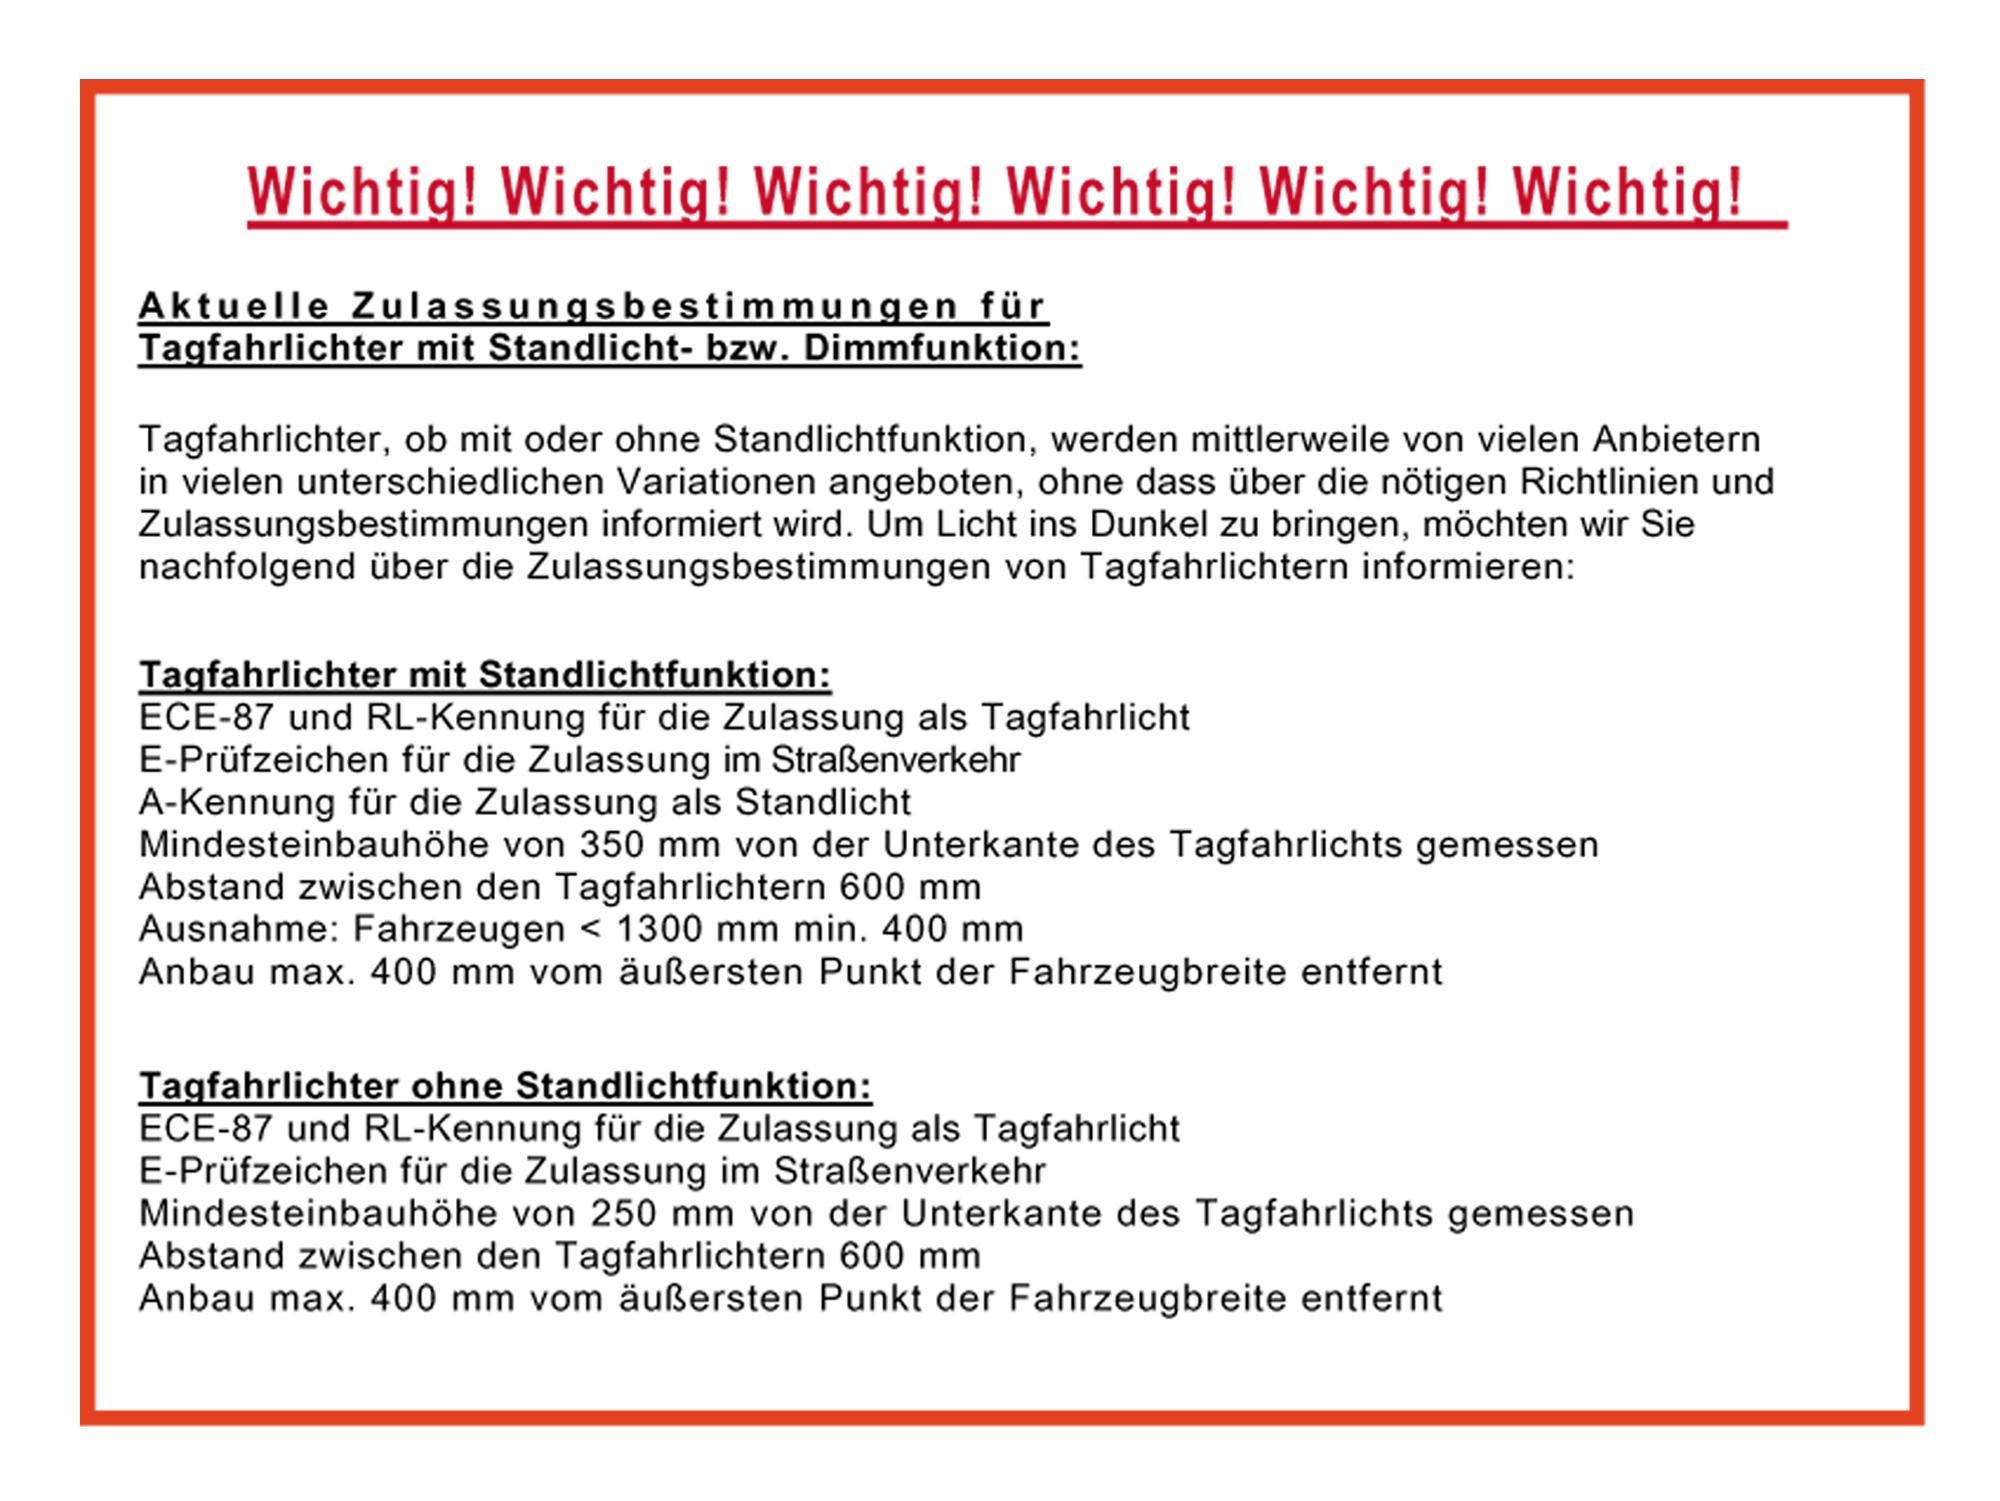 http://klauspeter8354.de/ebay/Tagfahrlichter/Bild%20Zulassung%20neu%2011.jpg